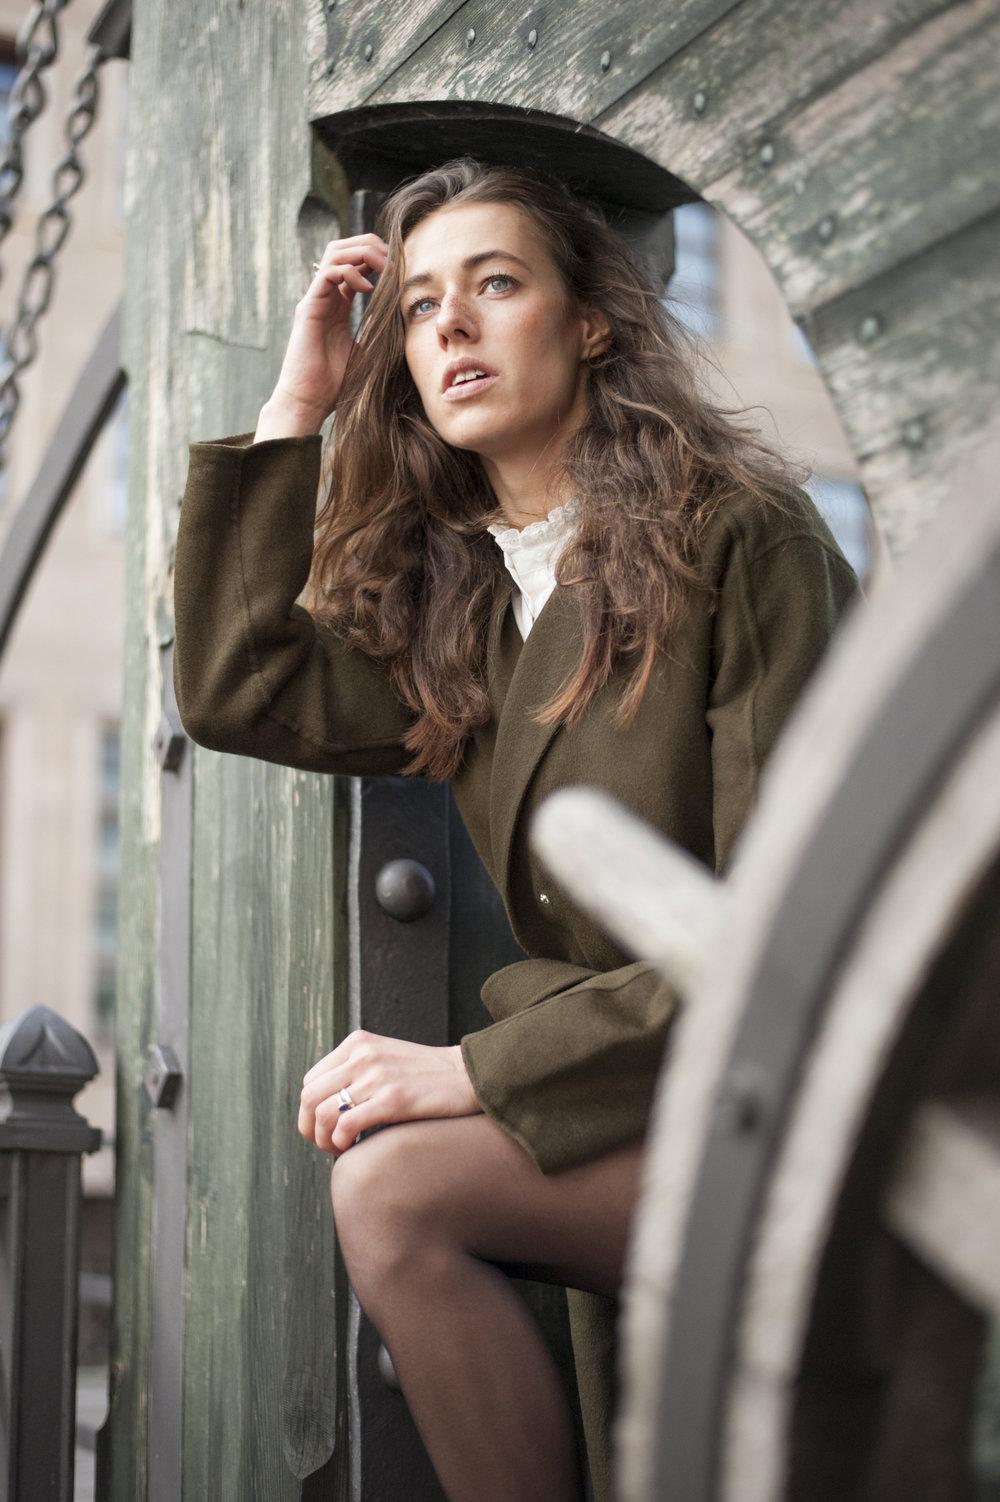 Les Années jusqu'à ce Jour - Carlotta for Maje, ParisBerlin, October 2017